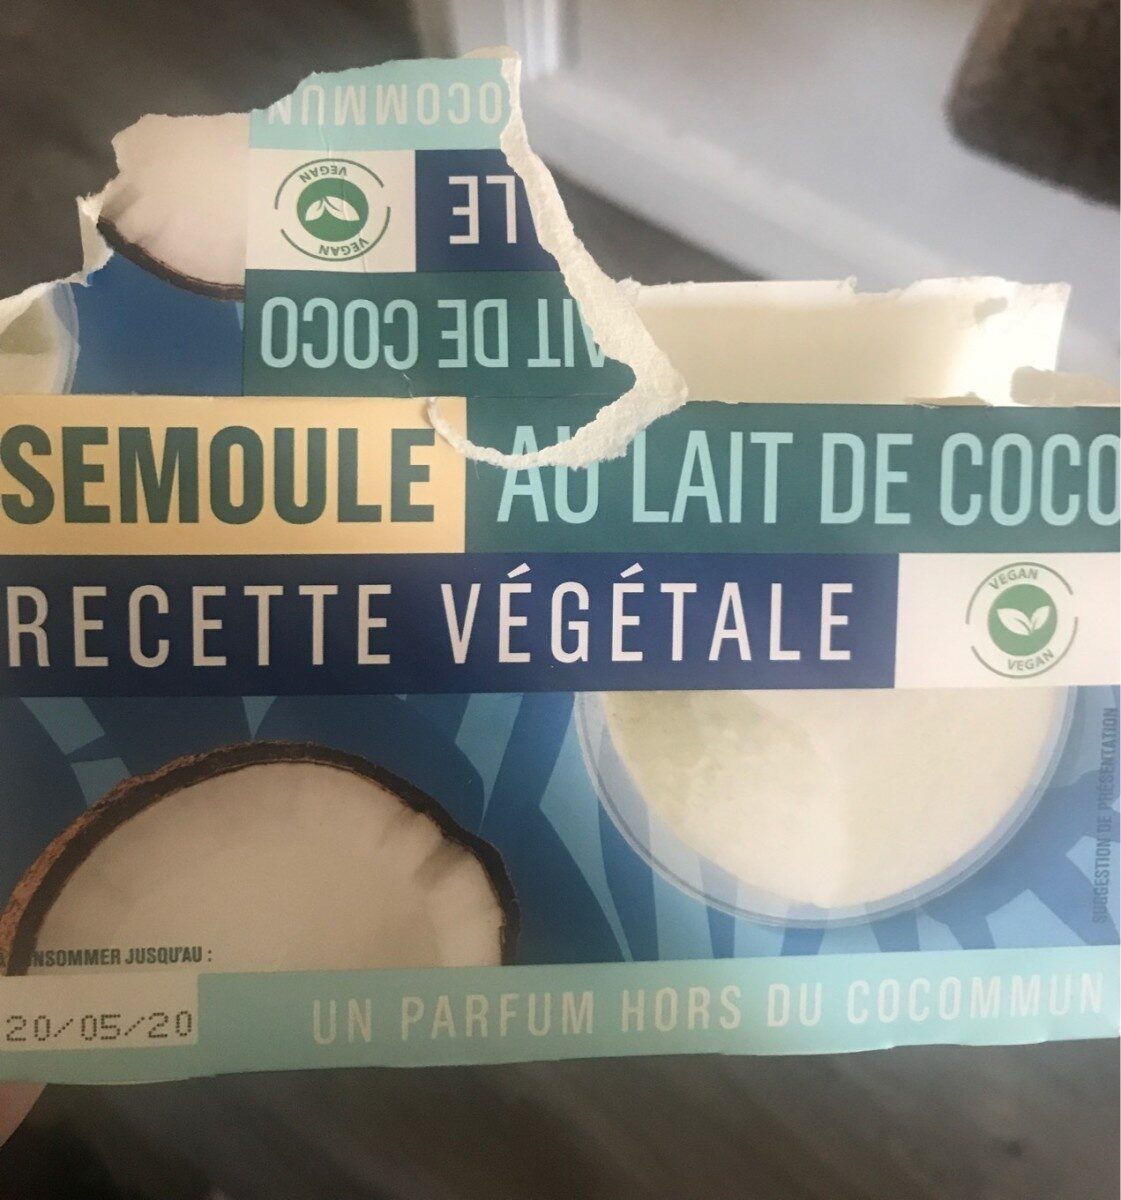 semoule au lait de coco vegan - 产品 - en